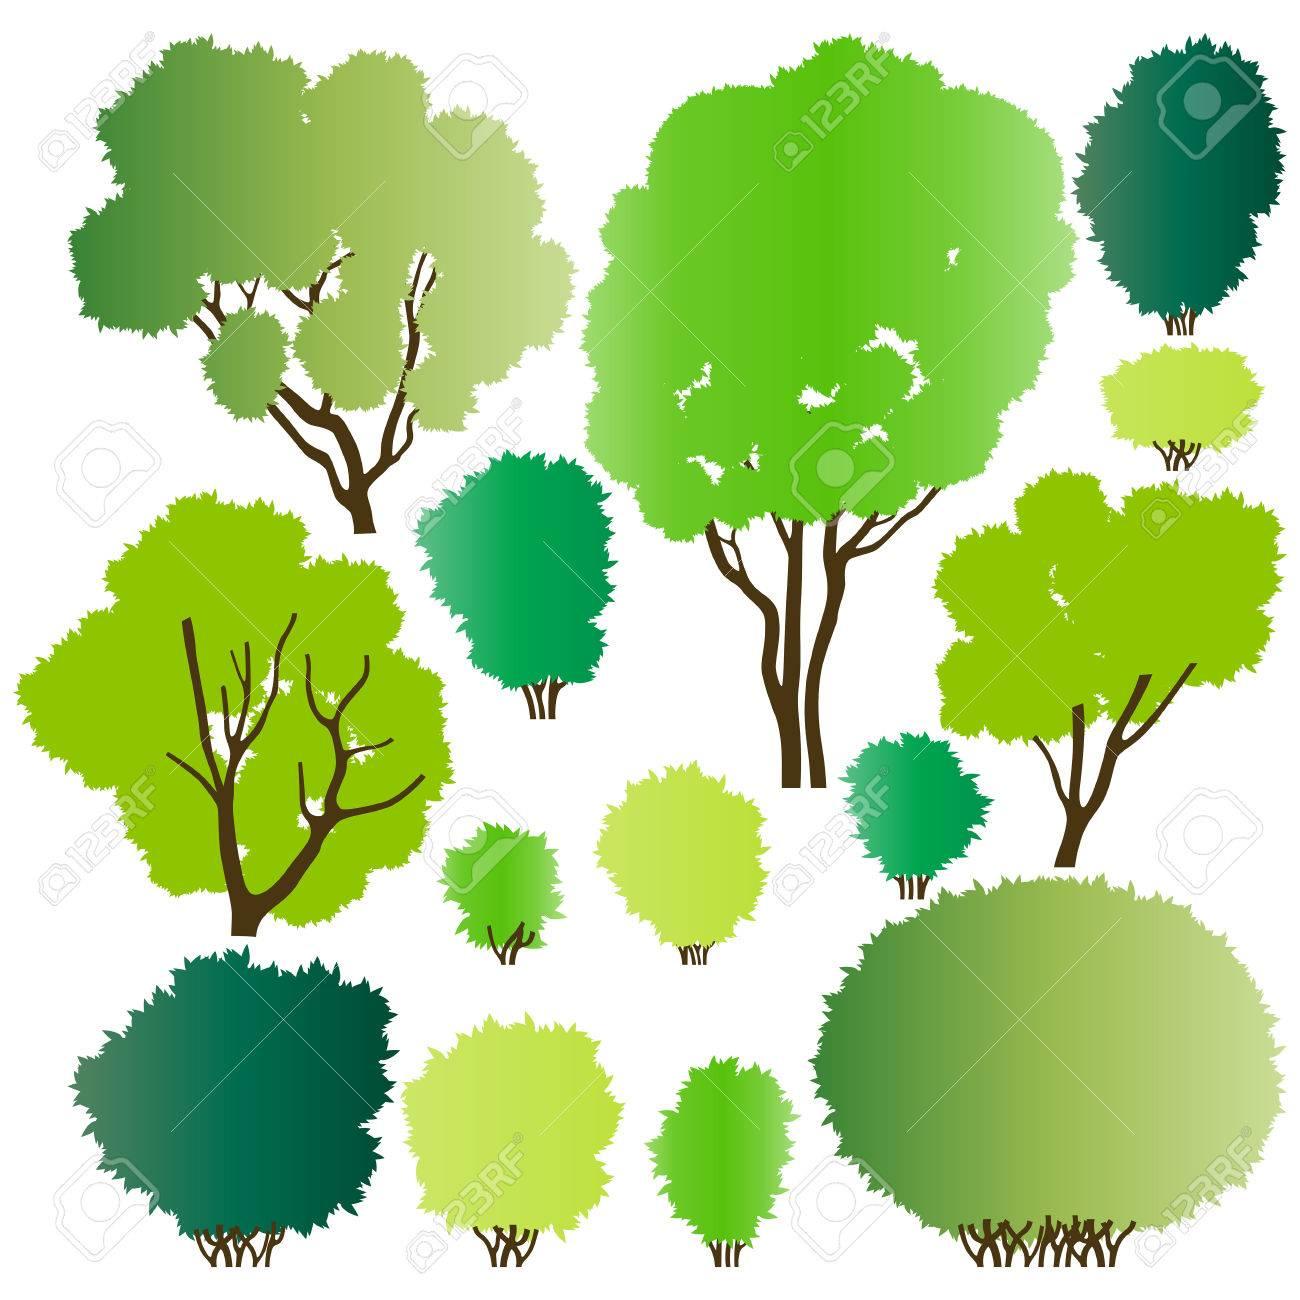 森林の木のシルエット コレクション背景イラスト ポスター ロイヤリティ